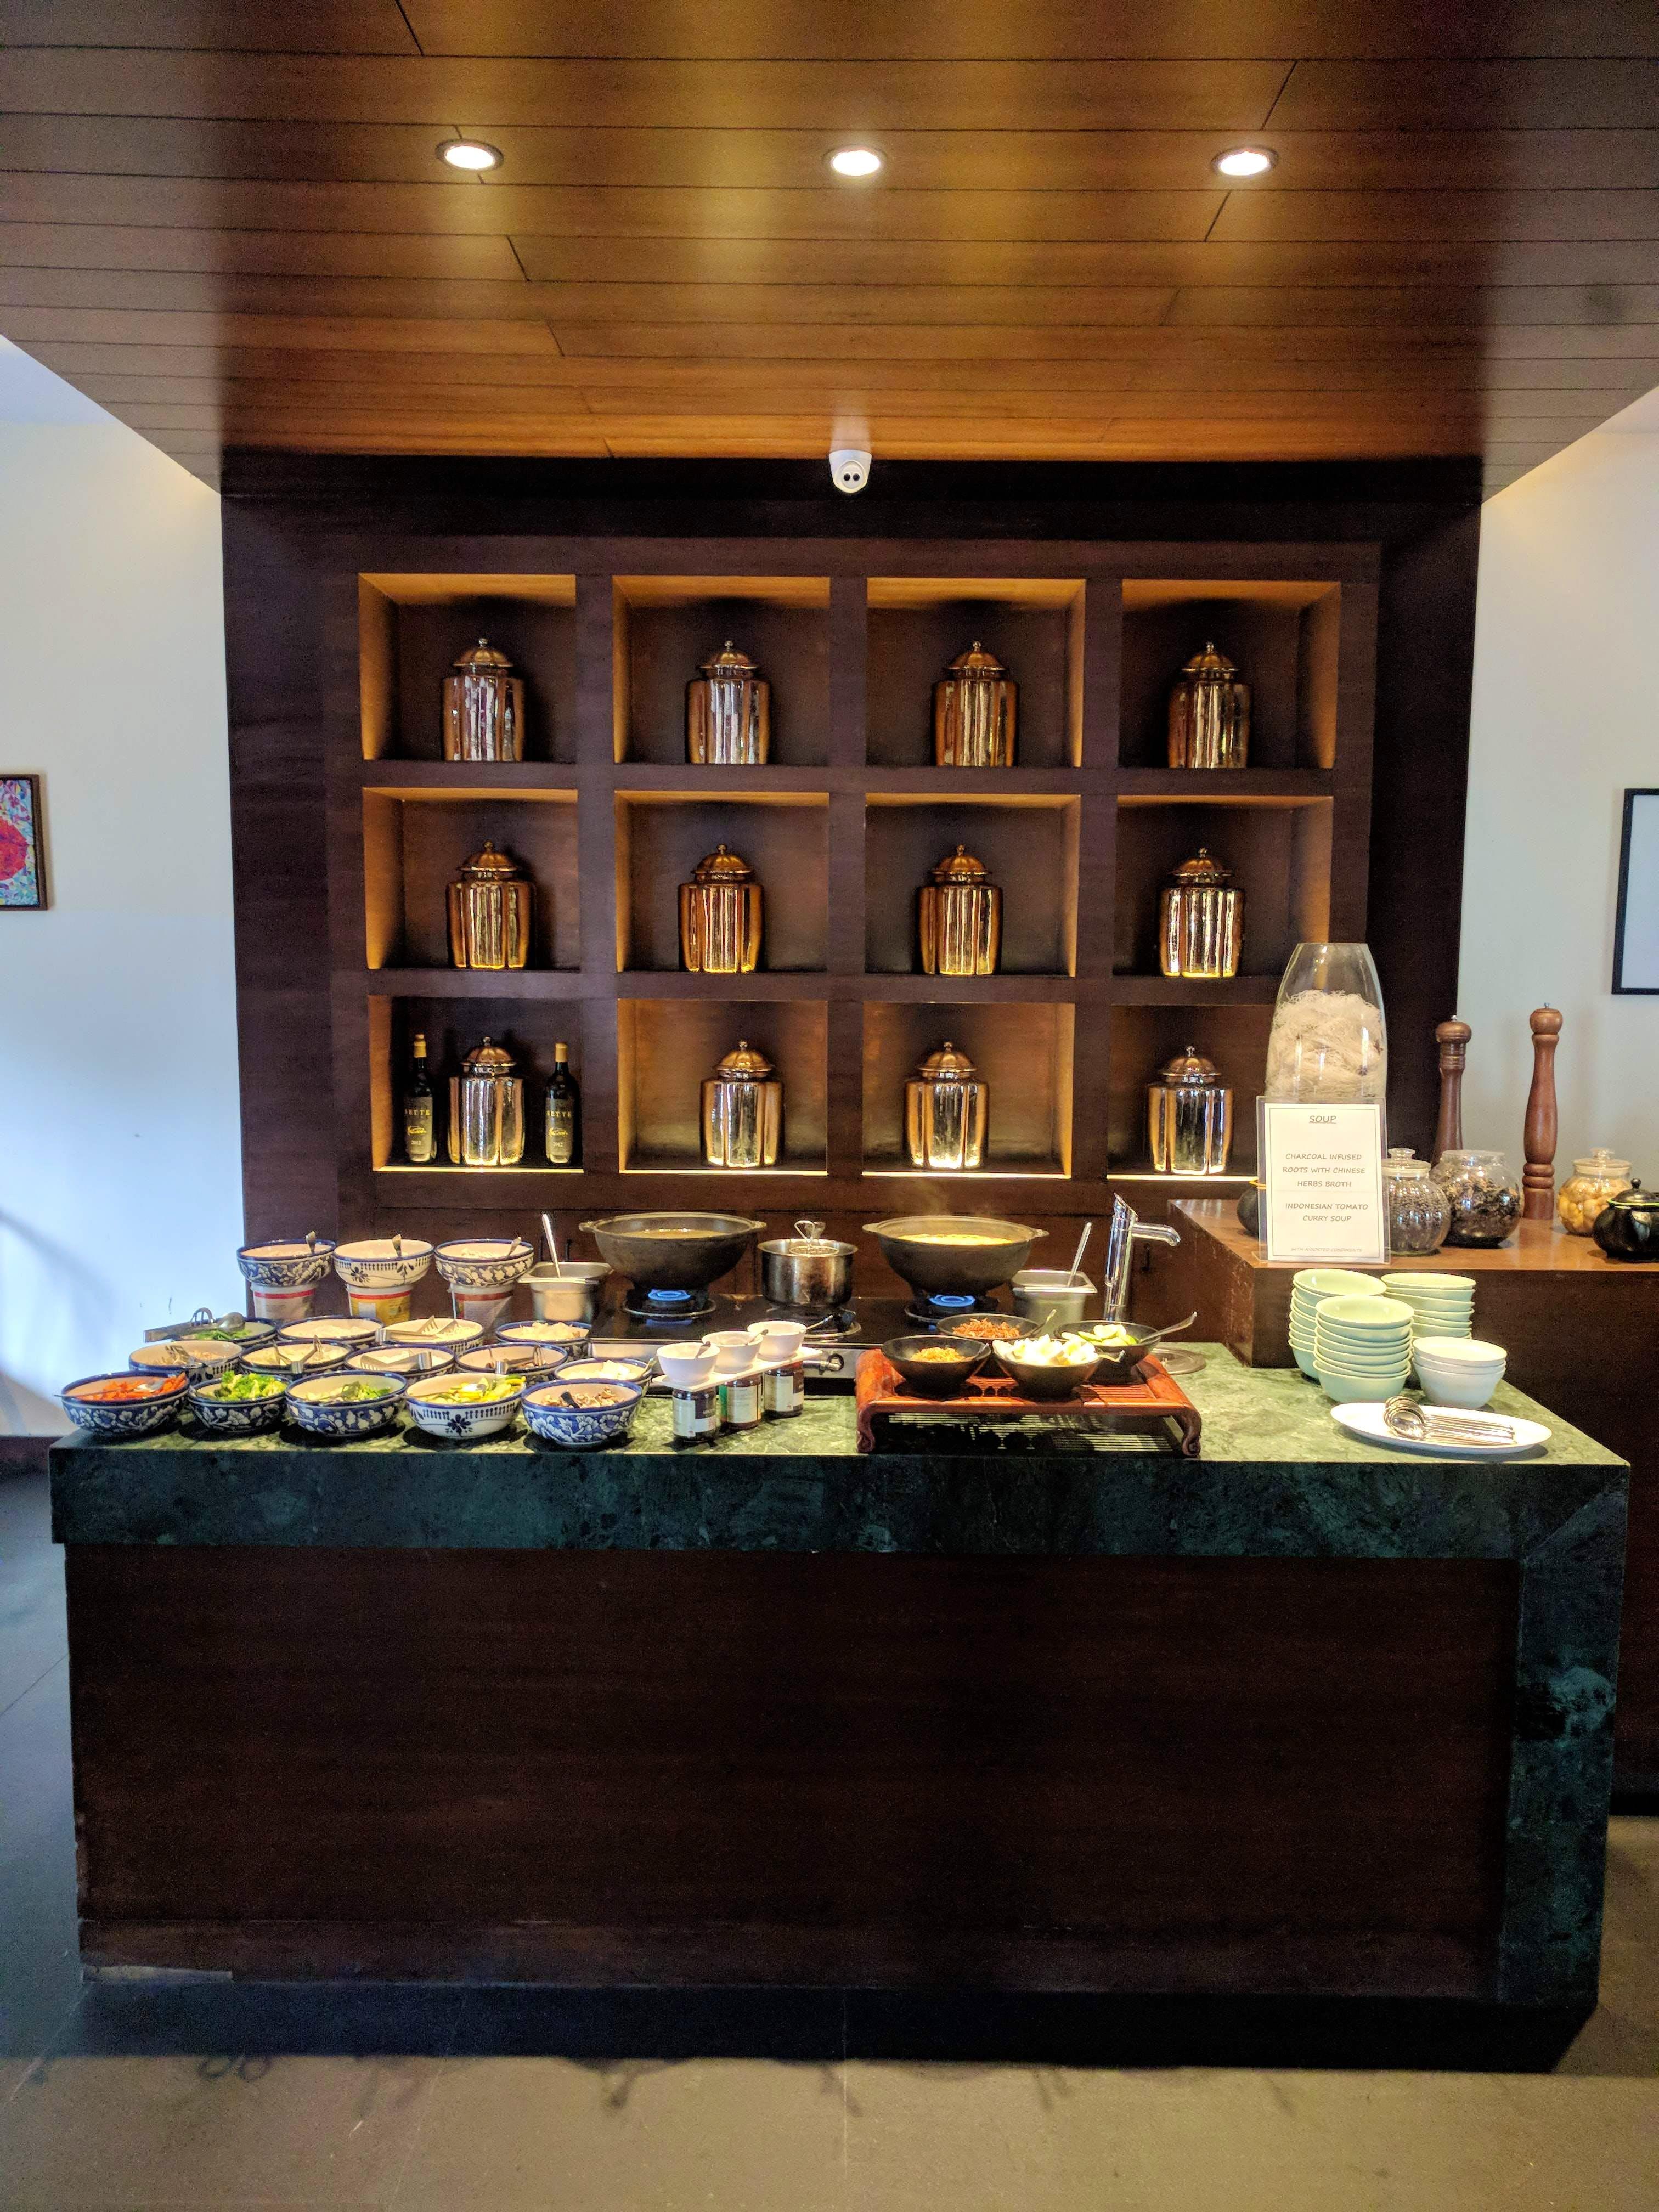 Interior design,Building,Room,Museum,Furniture,Tourist attraction